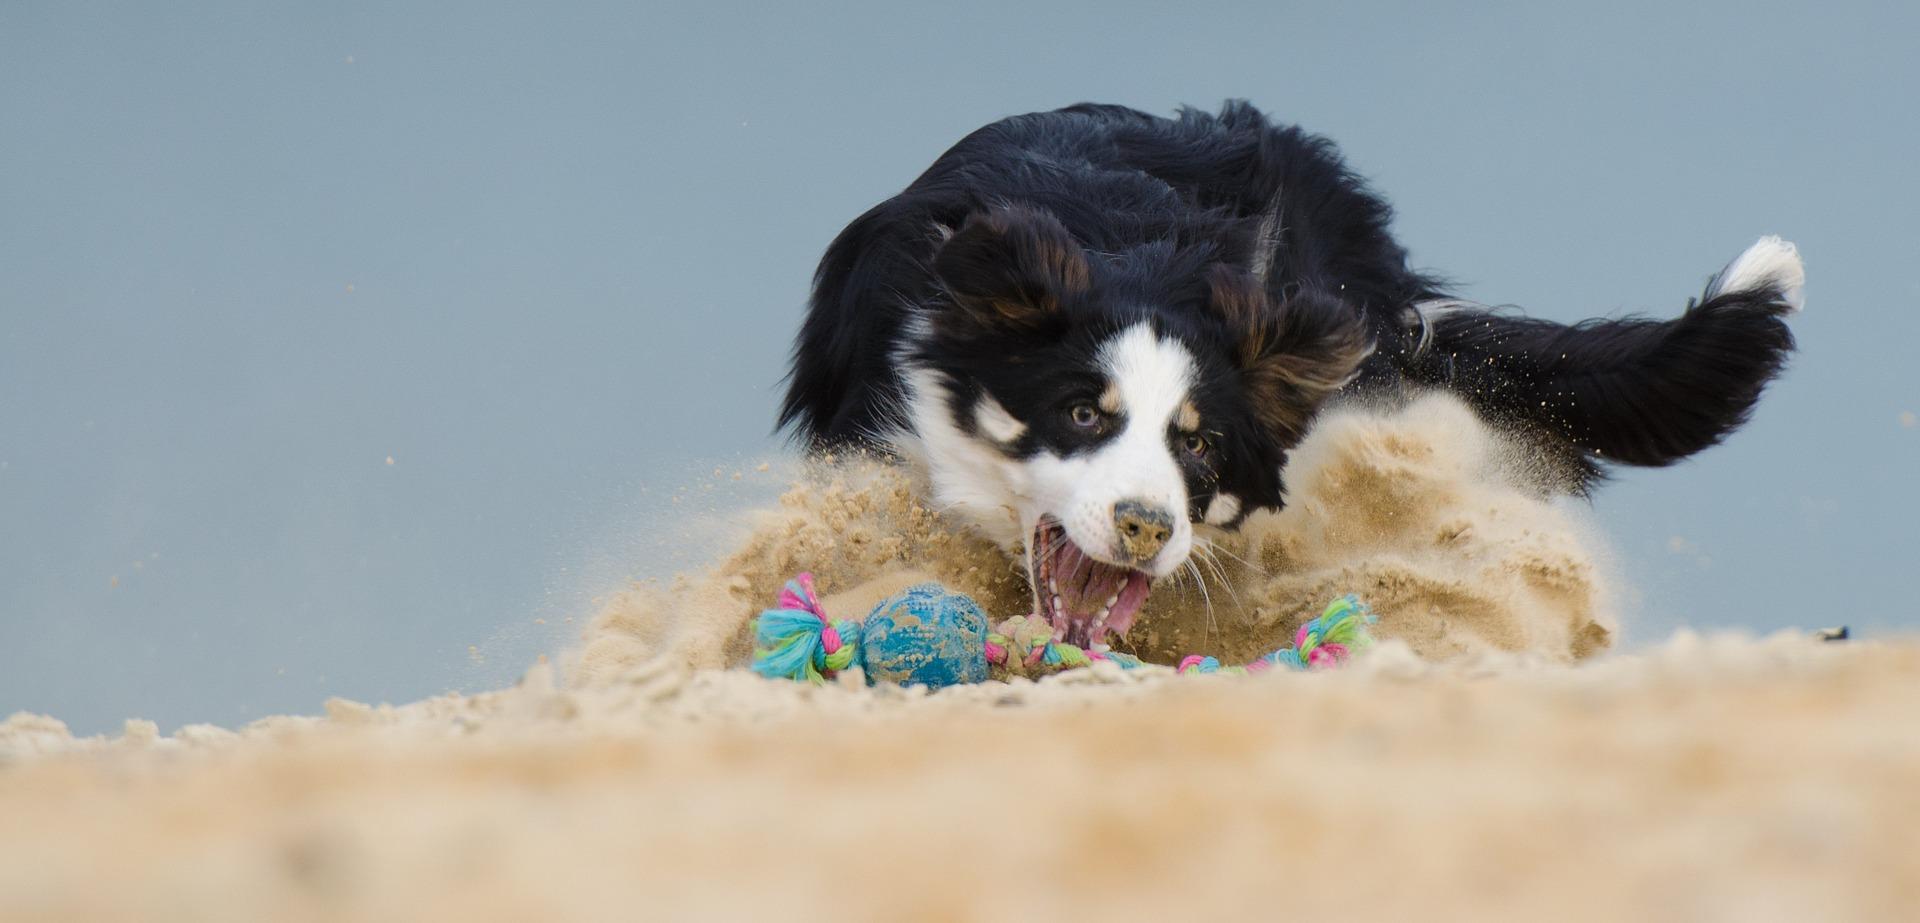 Baden mit dem Hund: So wird der Strandurlaub für Mensch & Hund zum ungetrübten Vergnügen